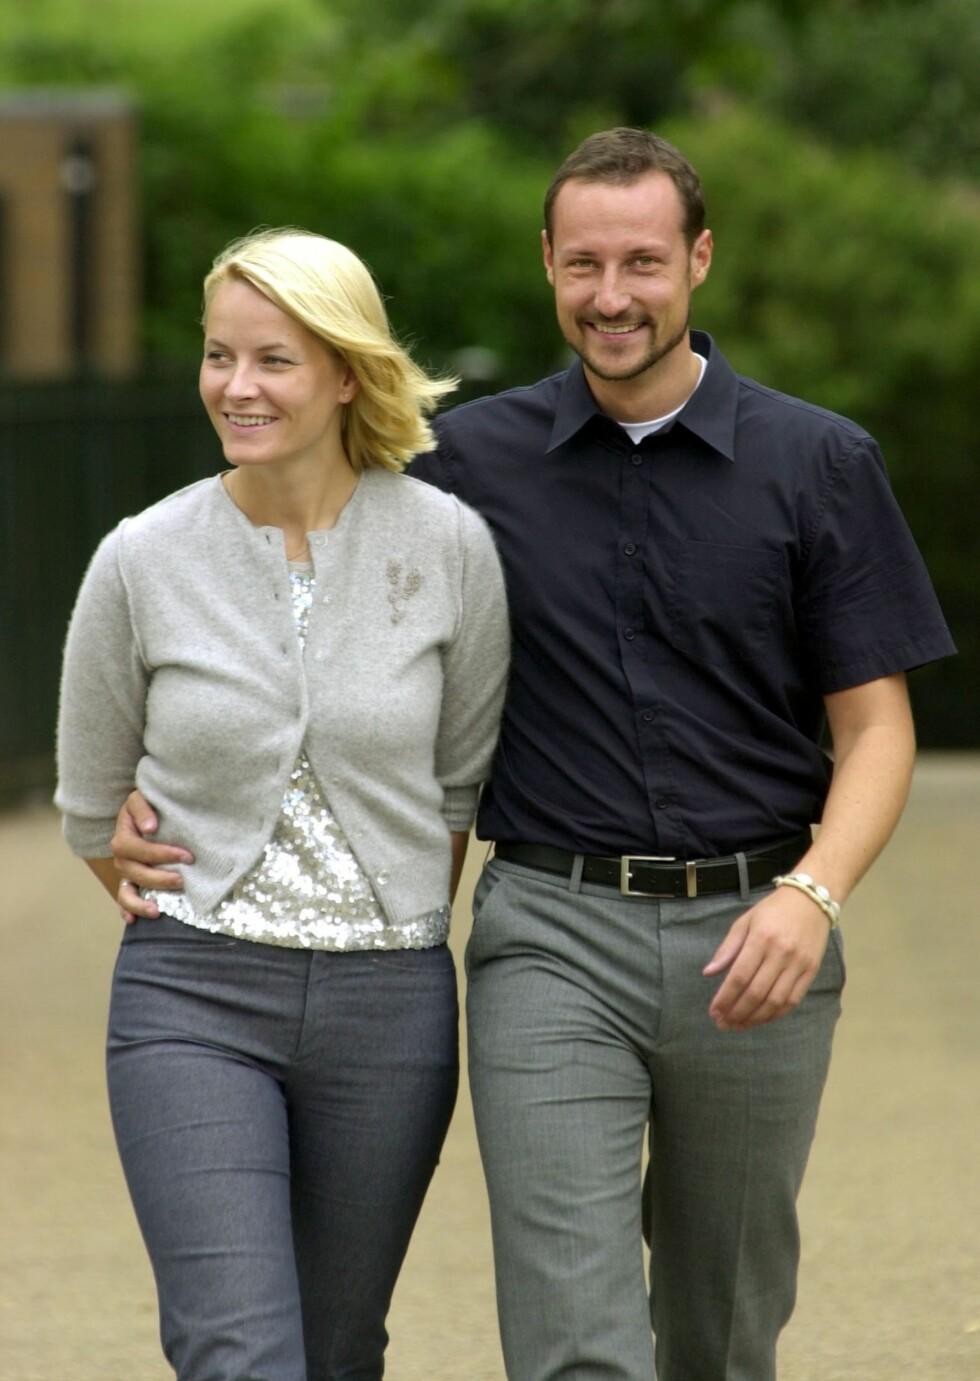 2002: Mette-Marit og Haakon i Hyde Park i London. Foto: TT NYHETSBYRÅN